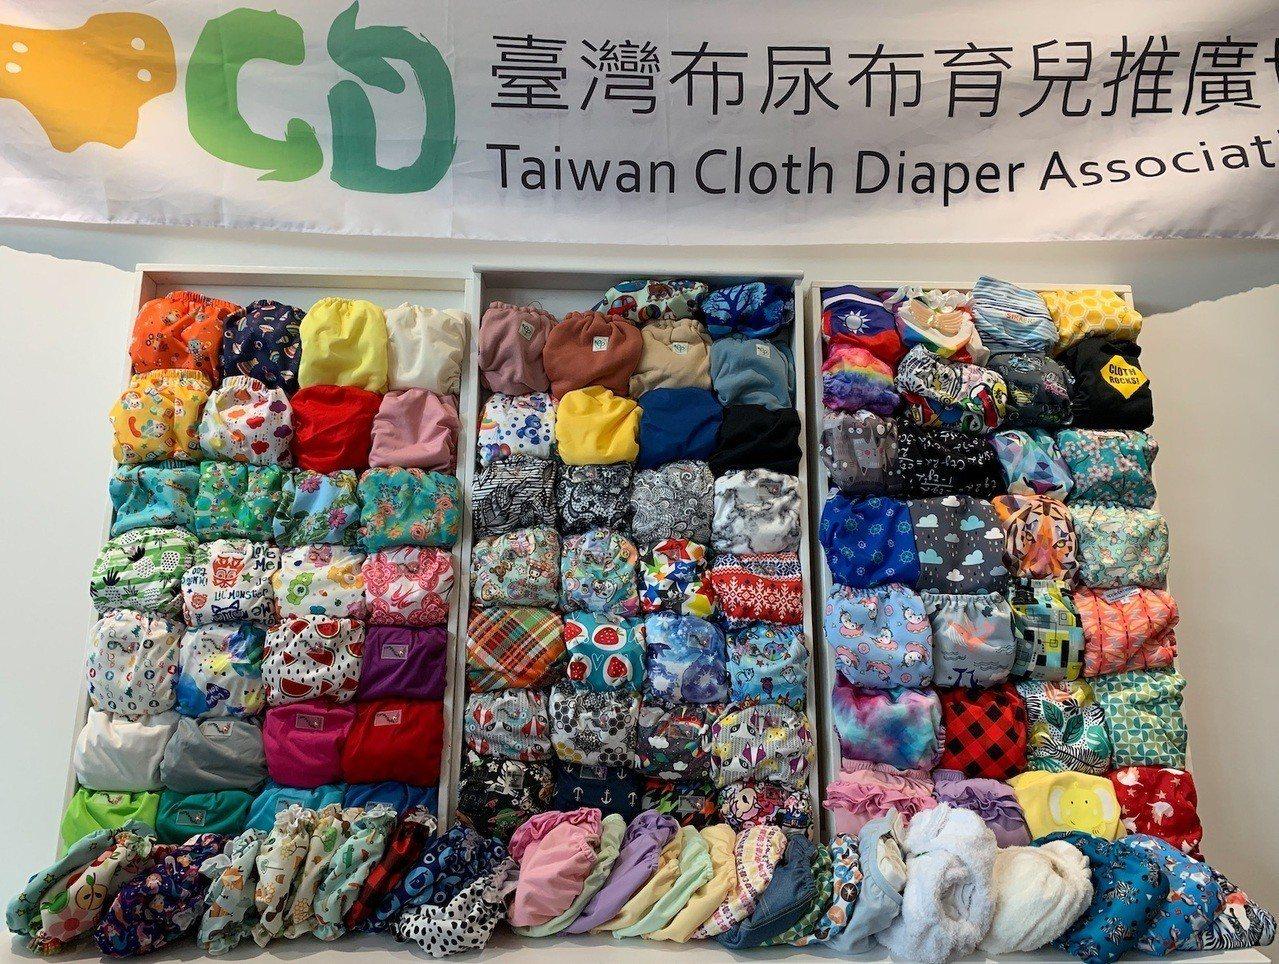 台灣布尿布協會28日發起成立,已累積了上萬名媽媽加入,給寶寶更環保、更舒適的選擇...